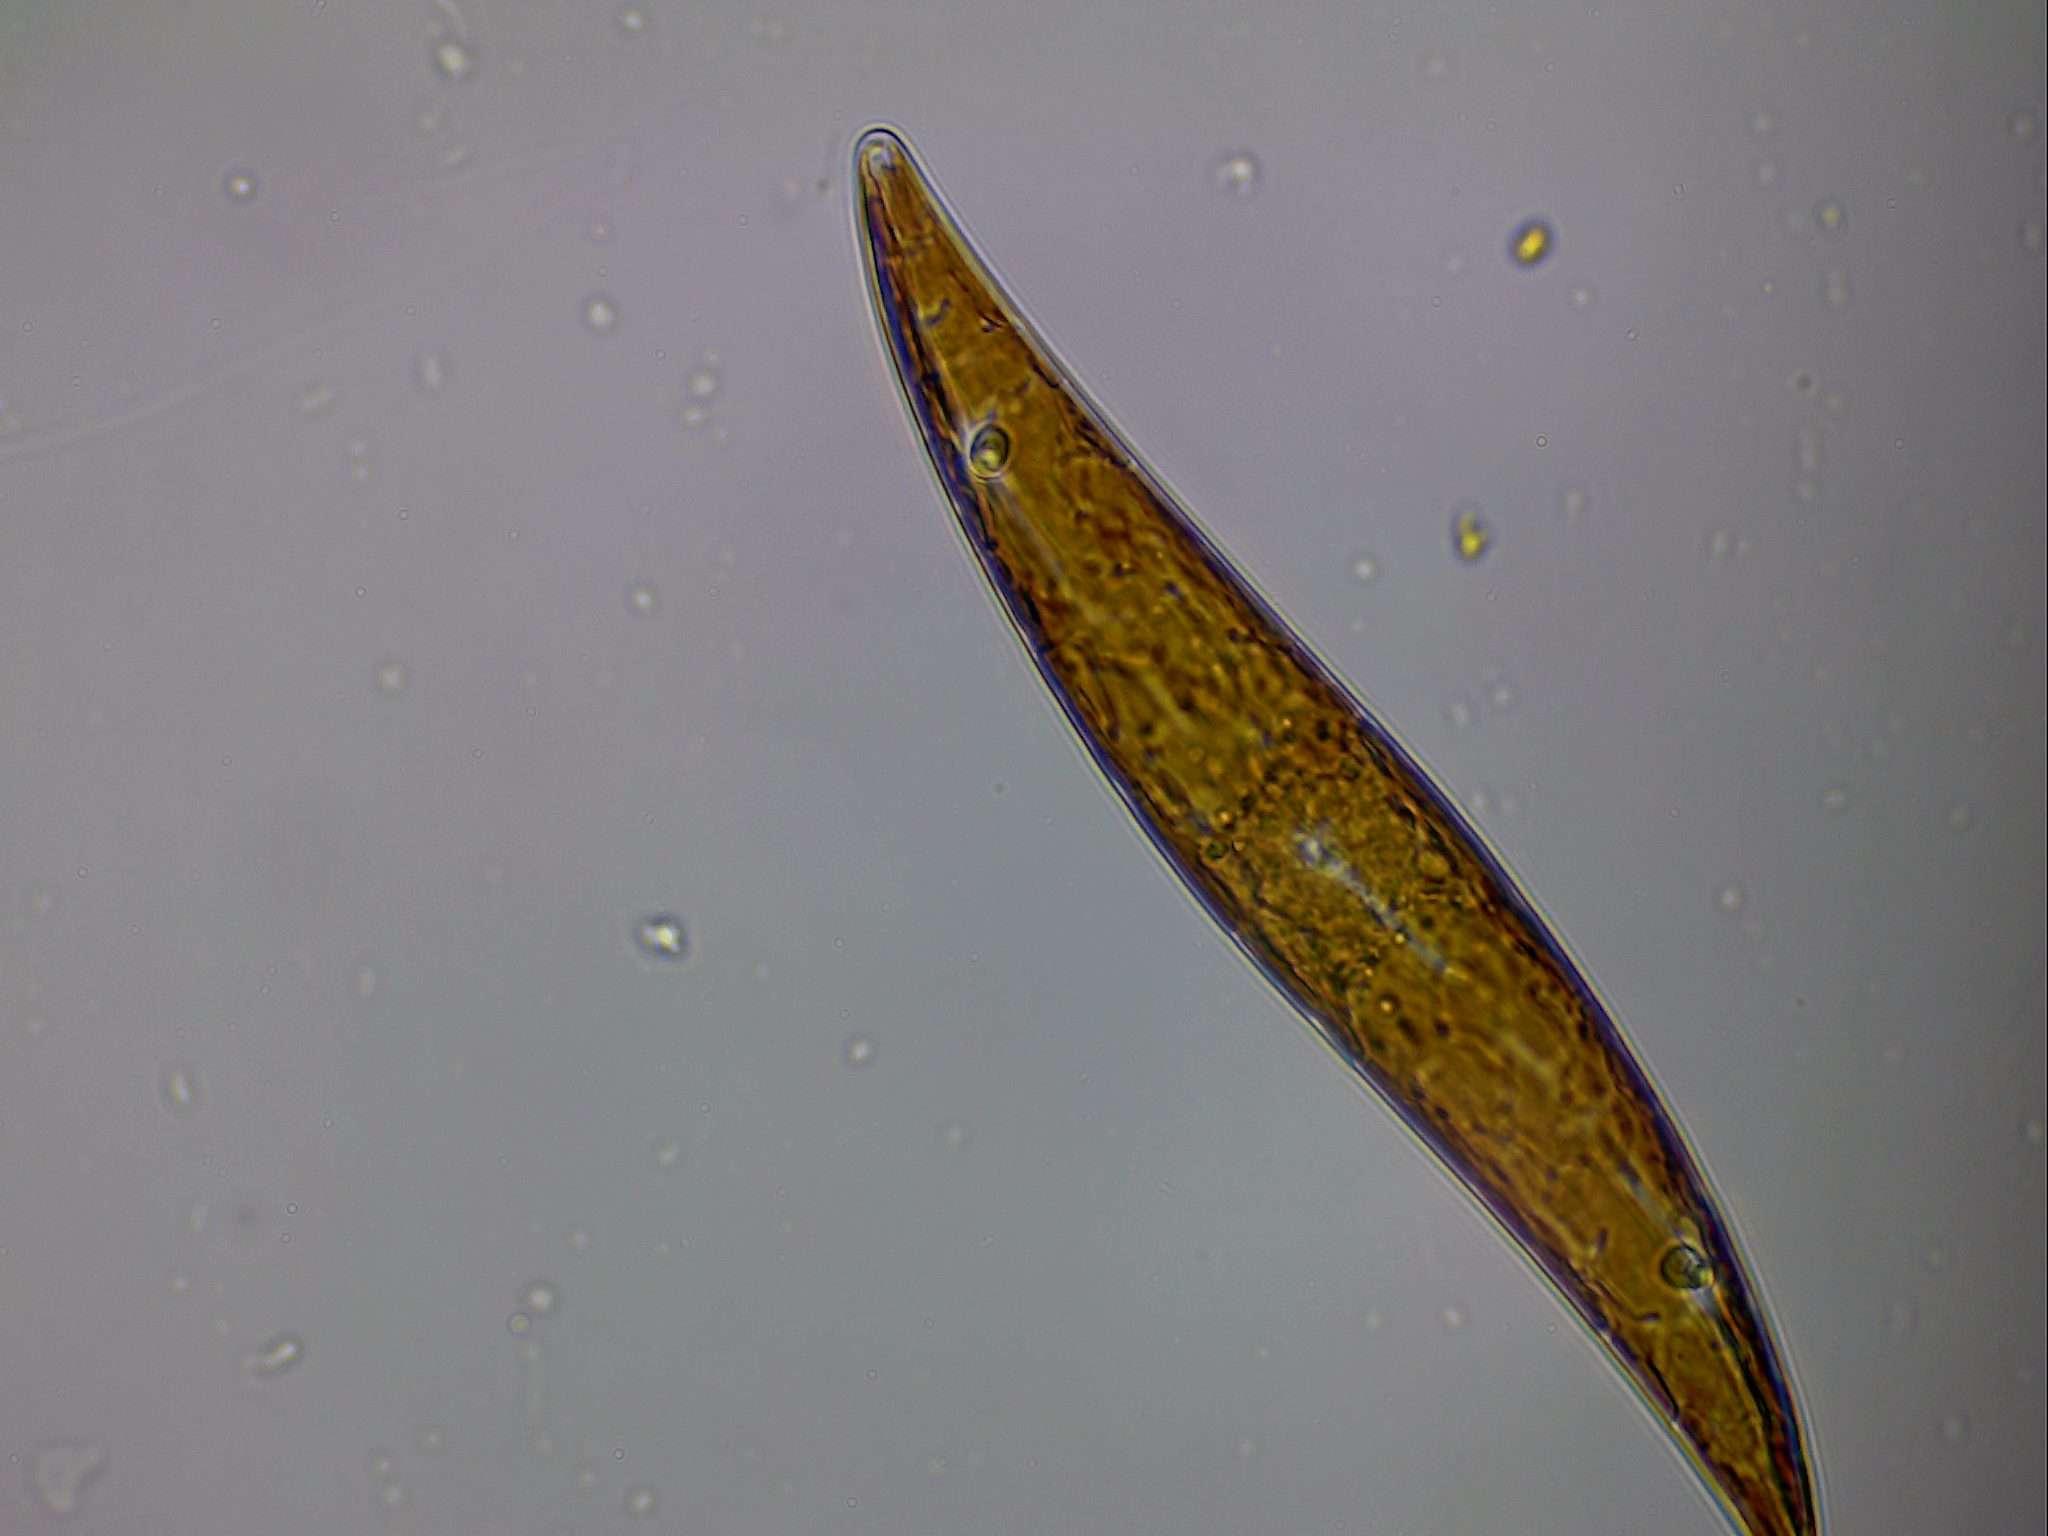 Gyrosigma